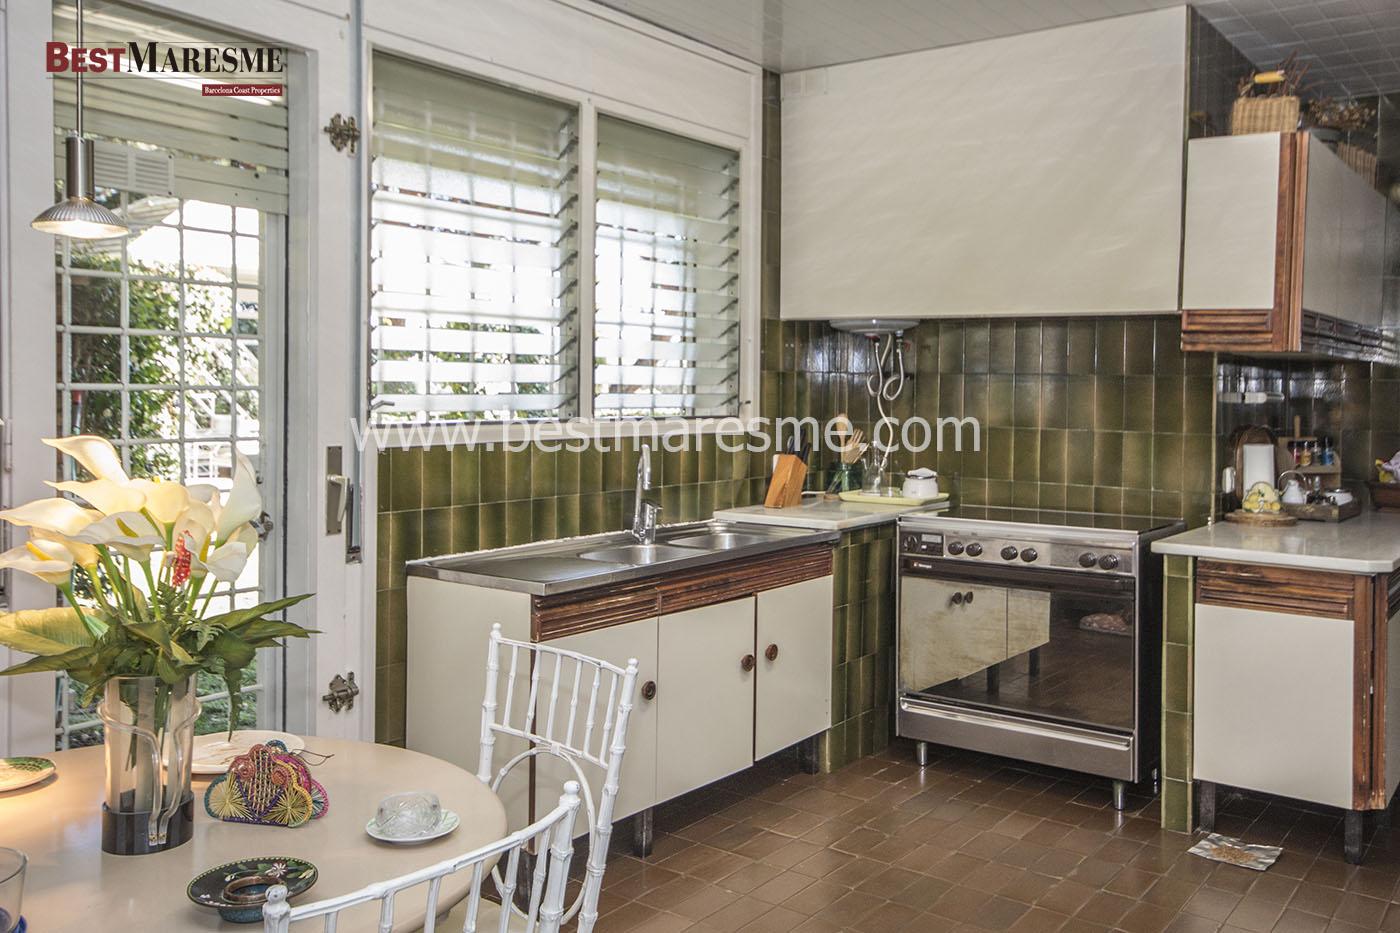 Cocina office con zona de lavado independiente